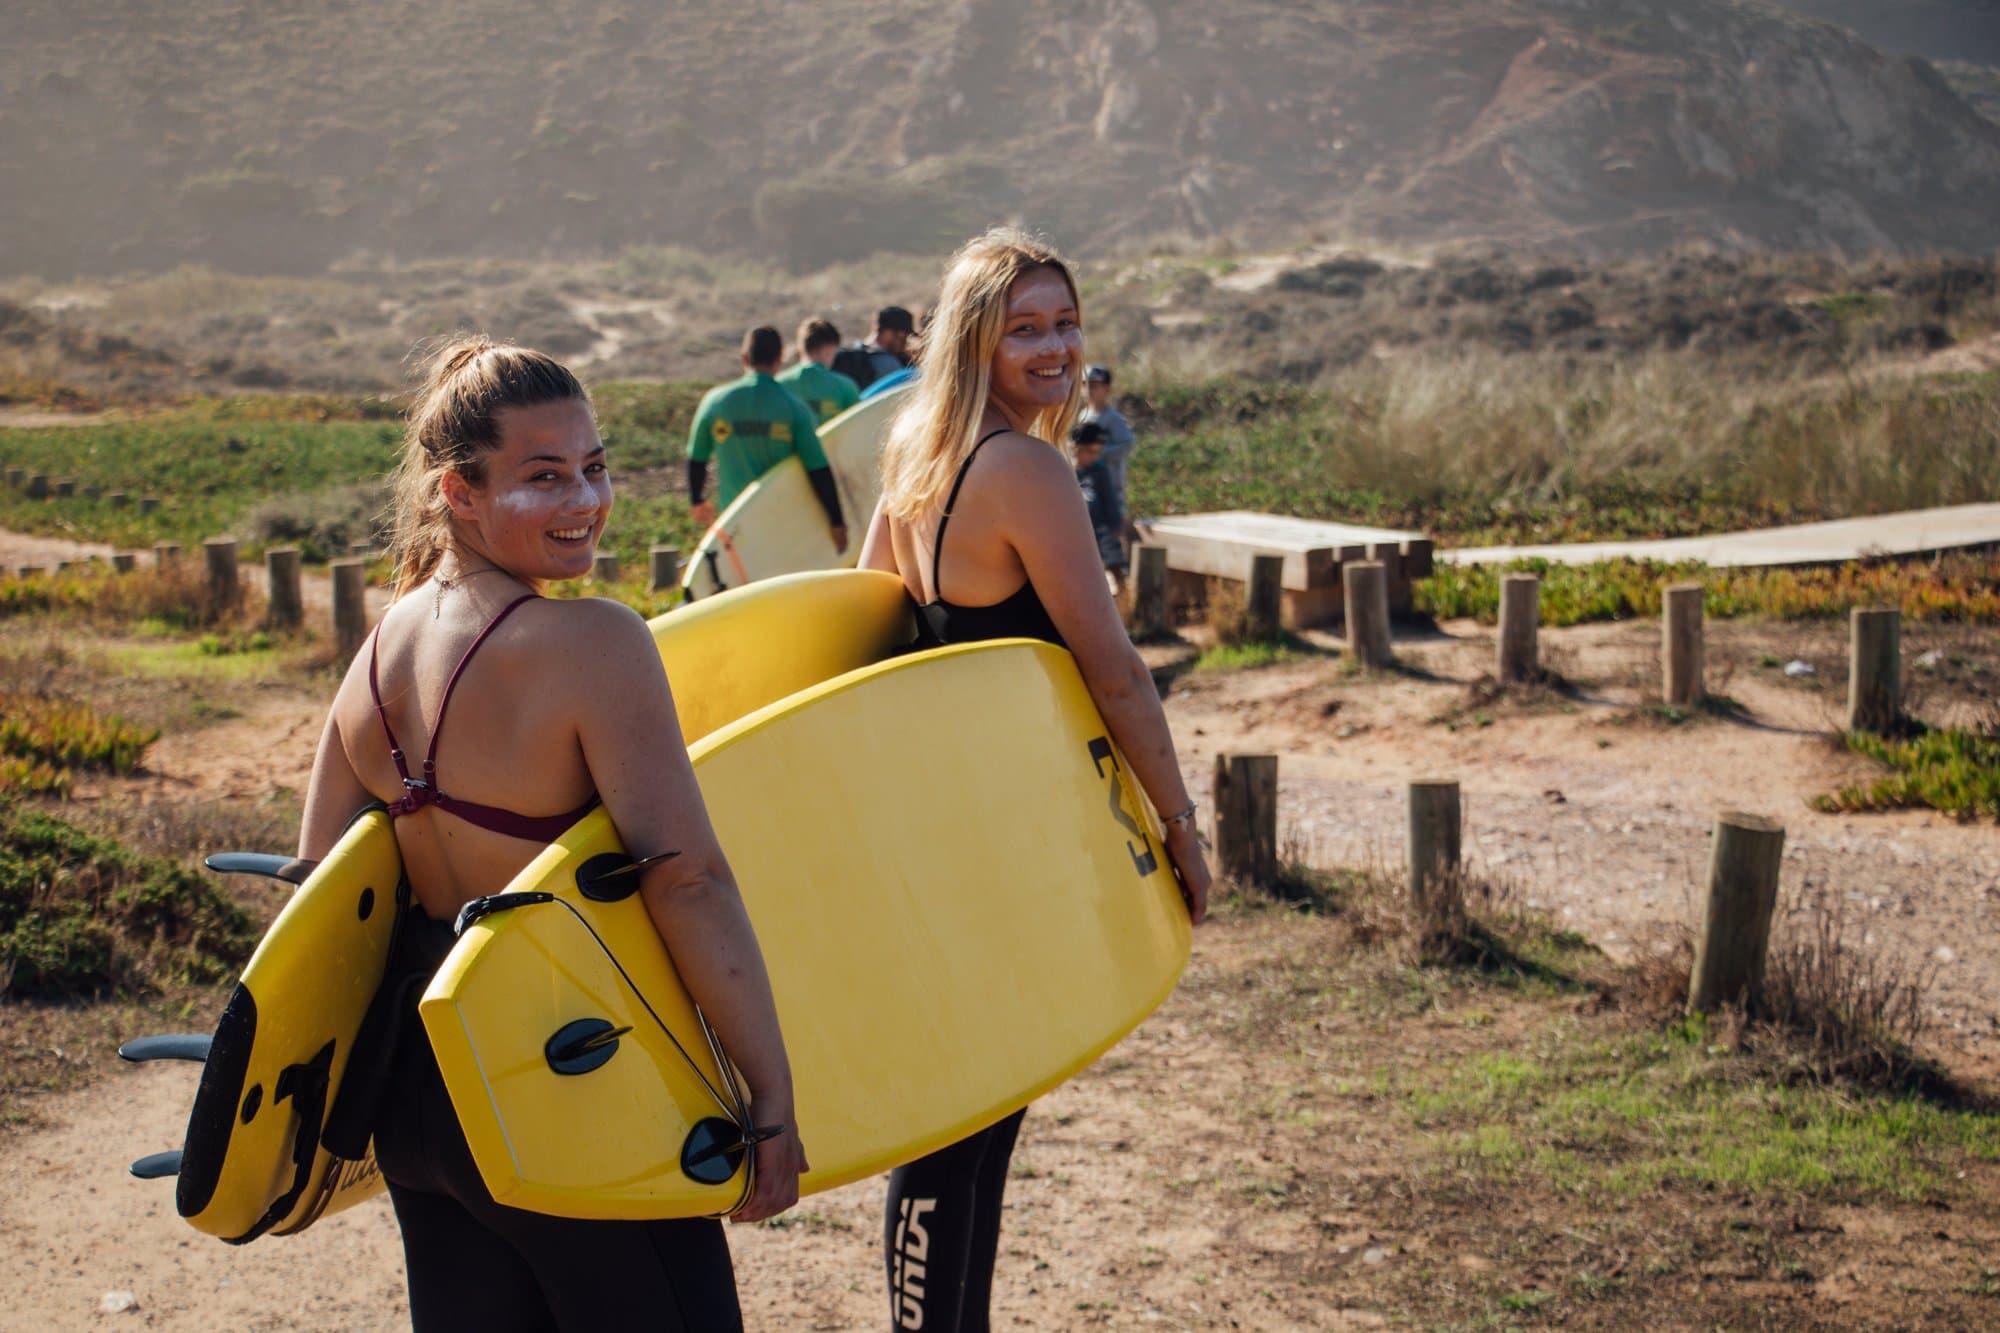 Surf i Portugal - Jæren folkehøgskule